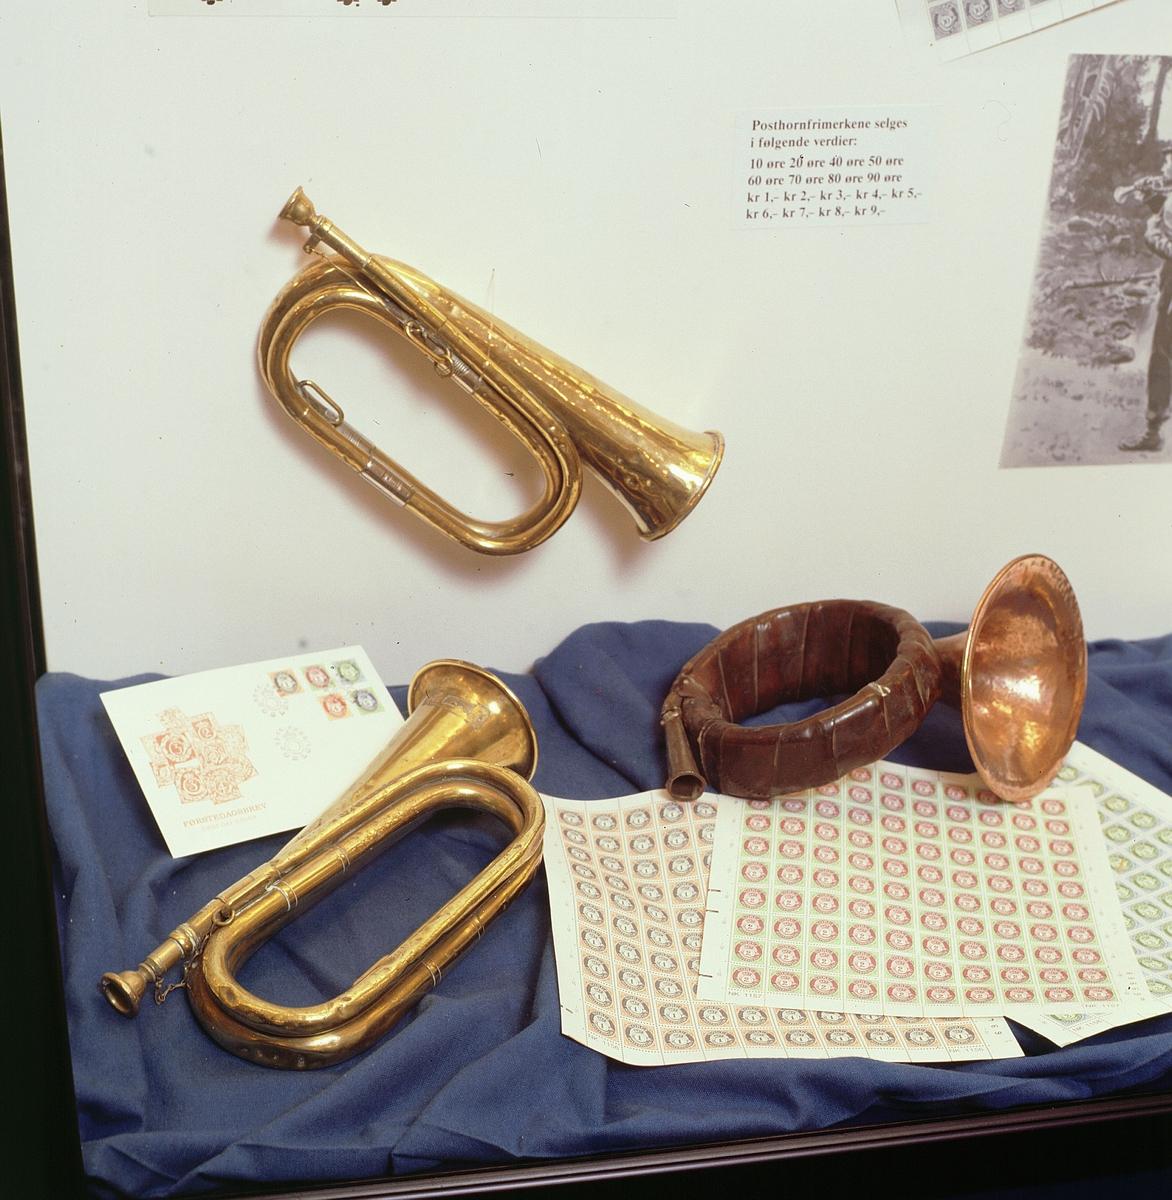 postmuseet, Kirkegata 20, utstilling, førstedagsbrev, posthorn, posthornfrimerker